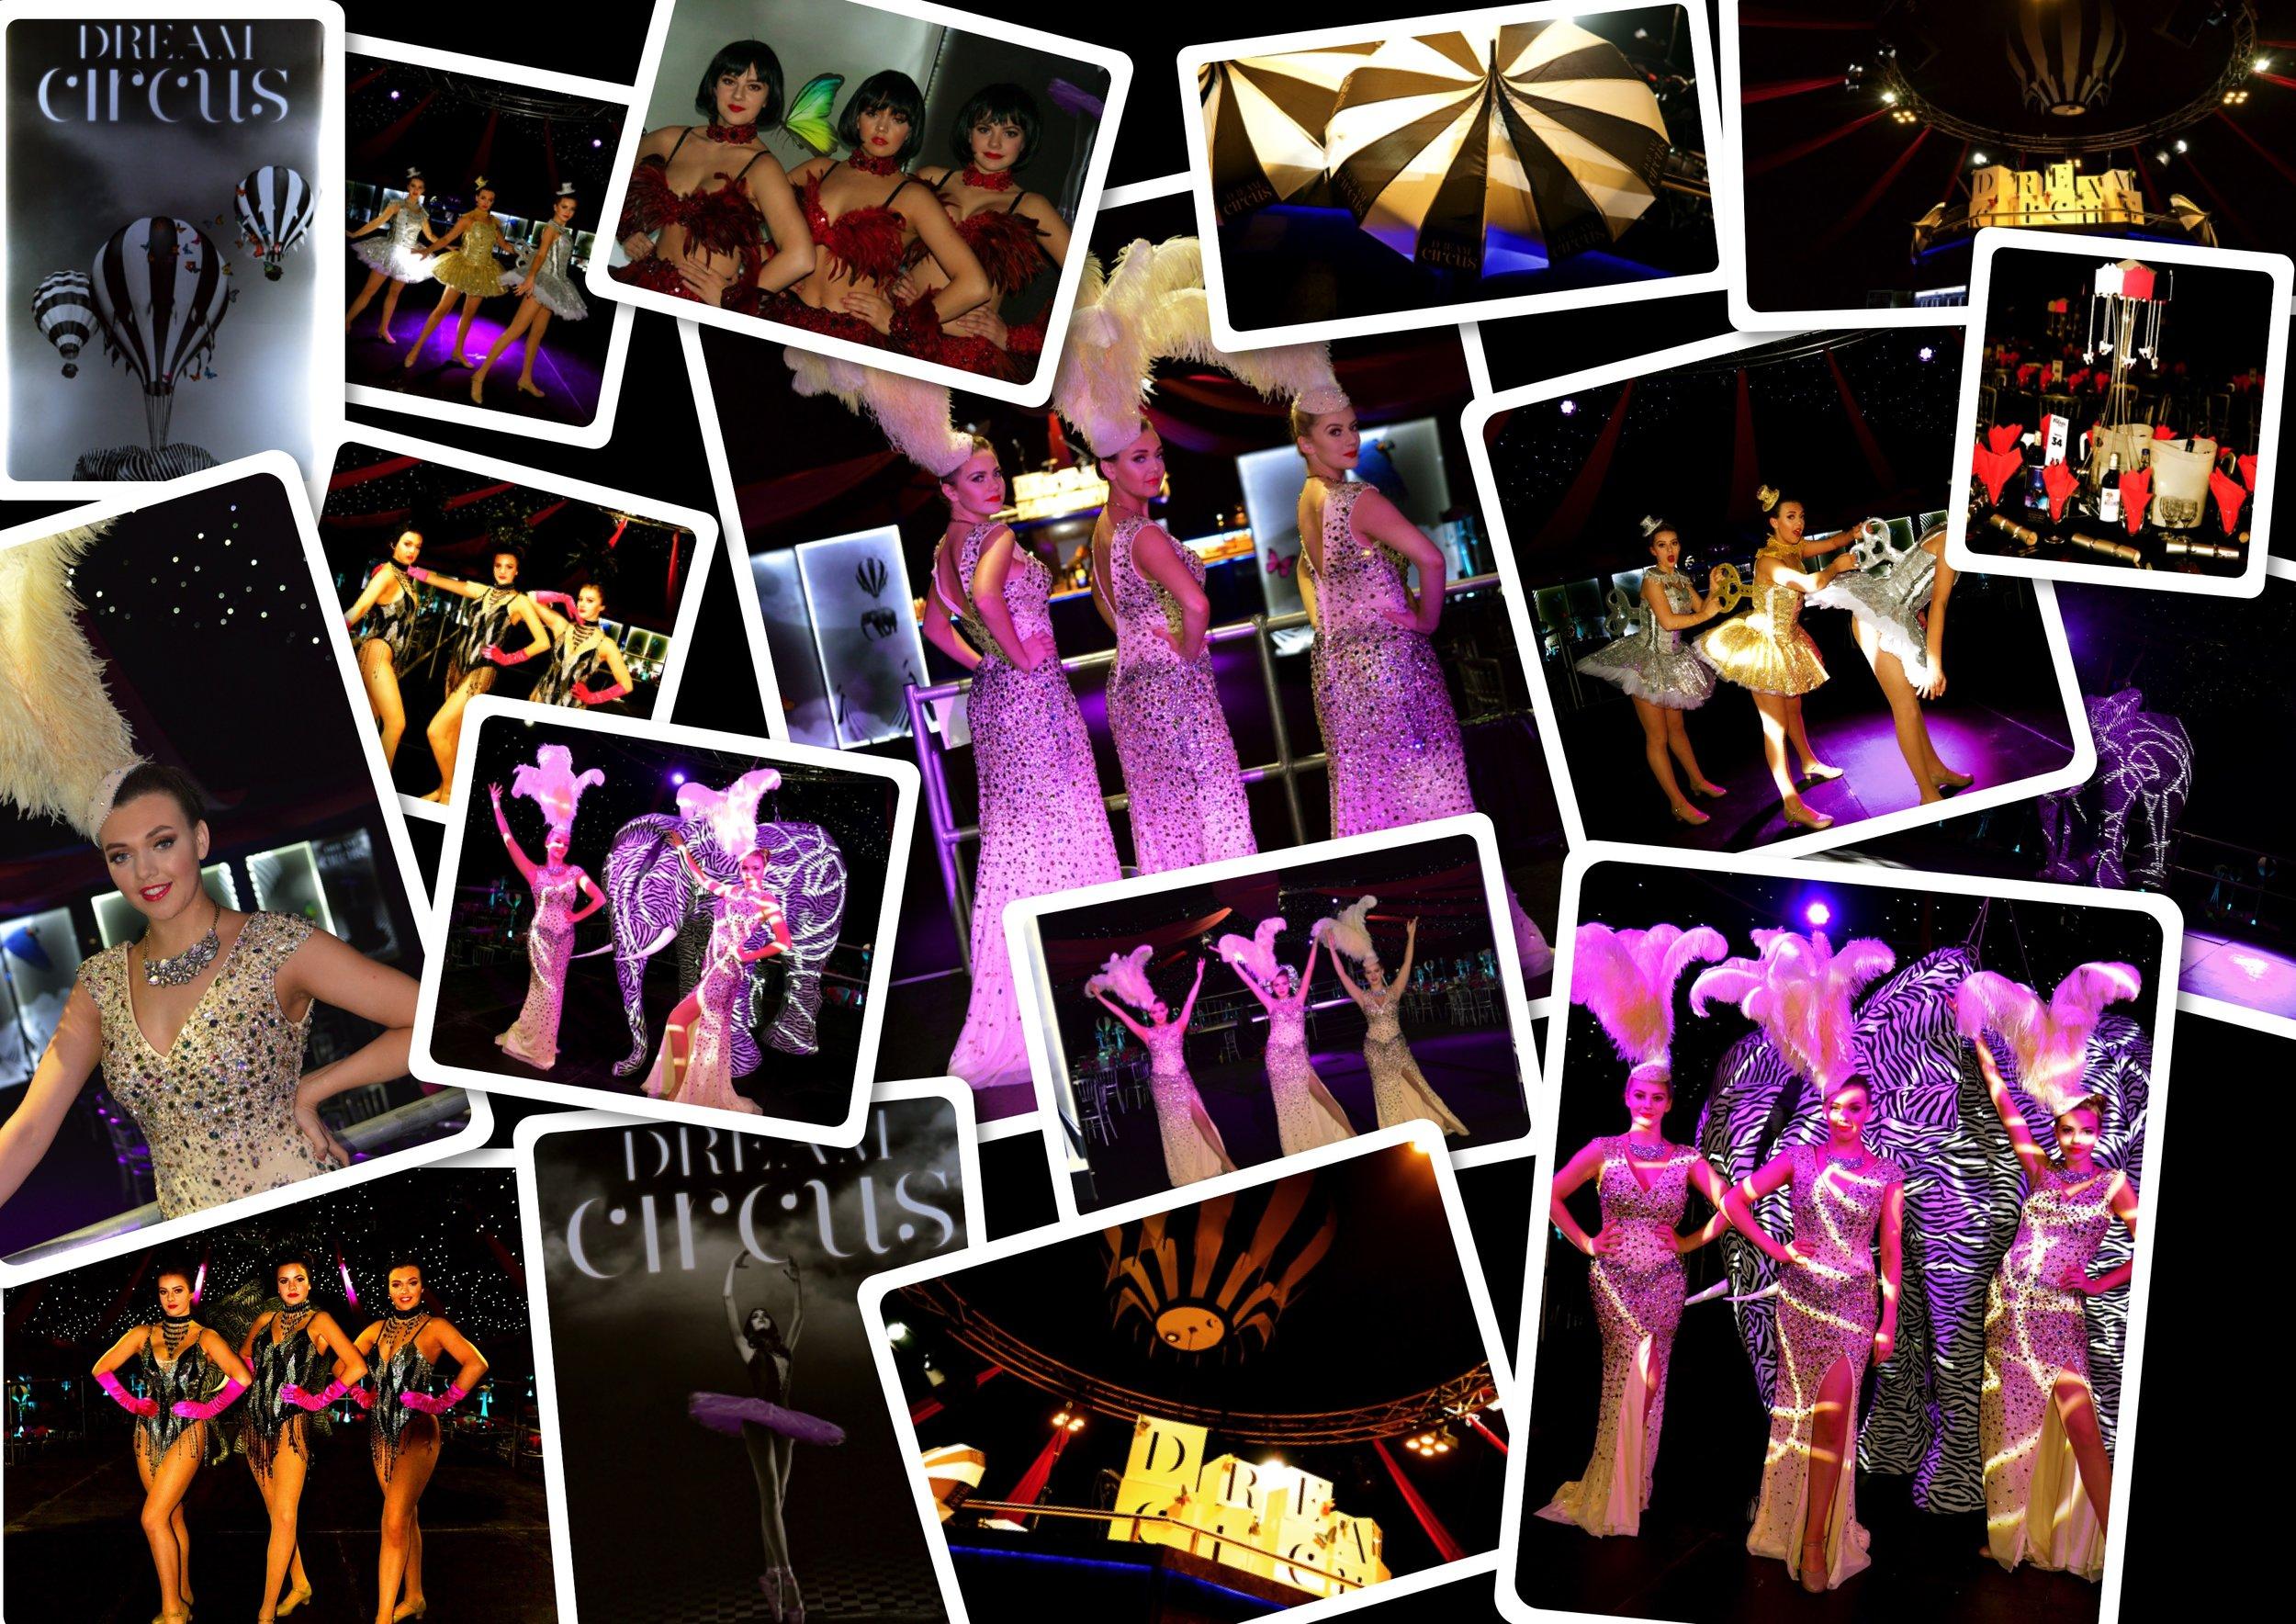 Windsor Christmas Event - 'Dream Circus'